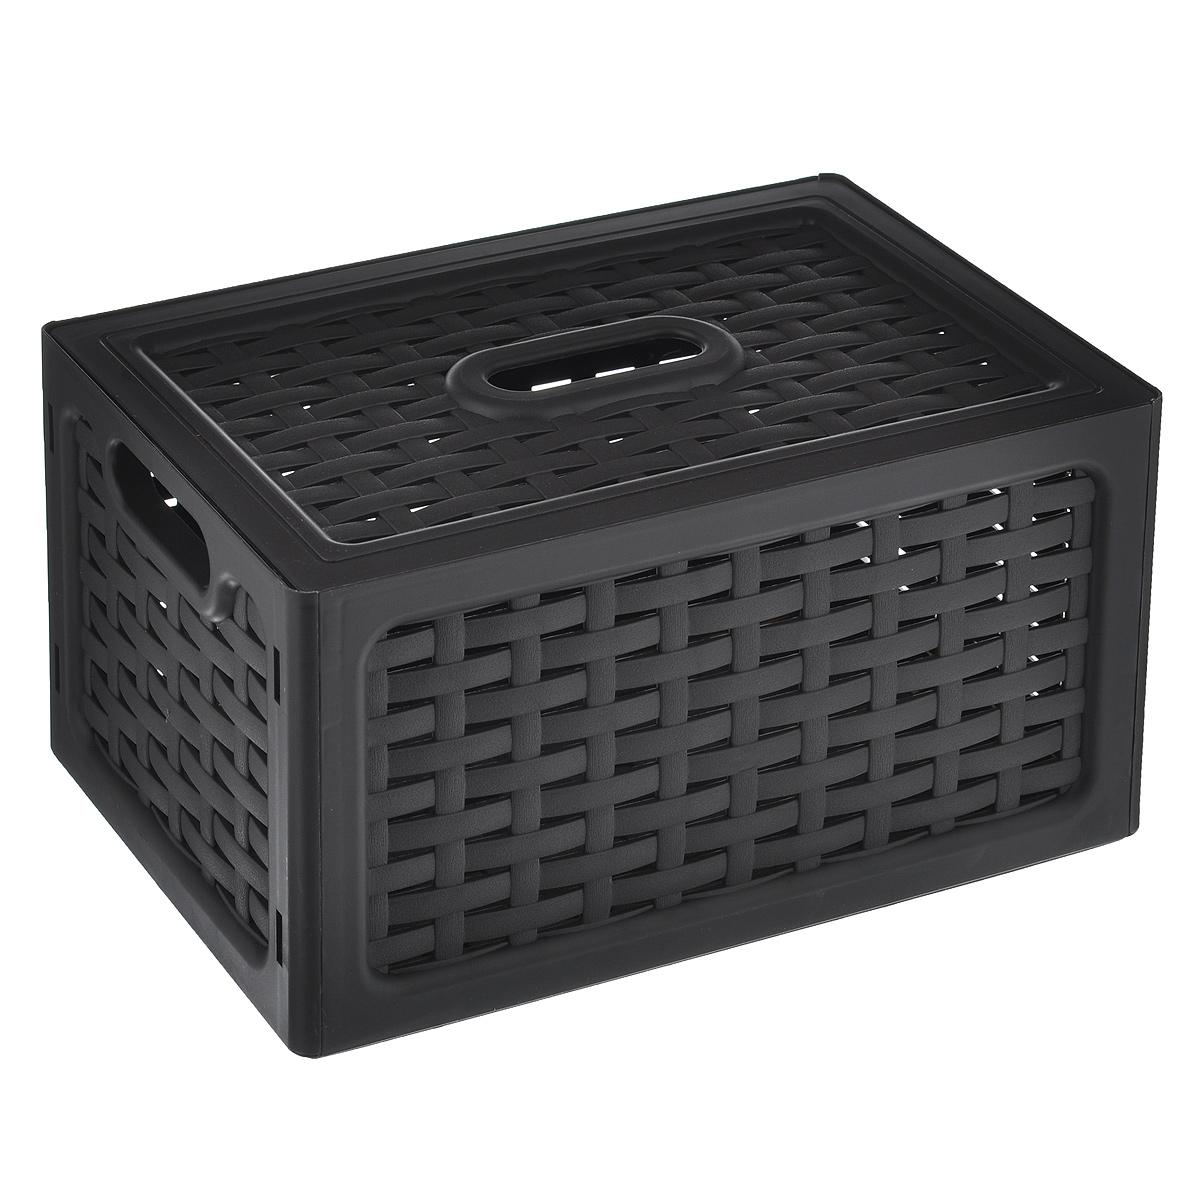 """Универсальный ящик Idea """"Ротанг"""" выполнен из пищевого пластика и предназначен для хранения различных предметов. Ящик оснащен удобной крышкой и двумя ручками. Элегантный выдержанный дизайн позволяет органично вписаться в ваш интерьер и стать его элементом."""